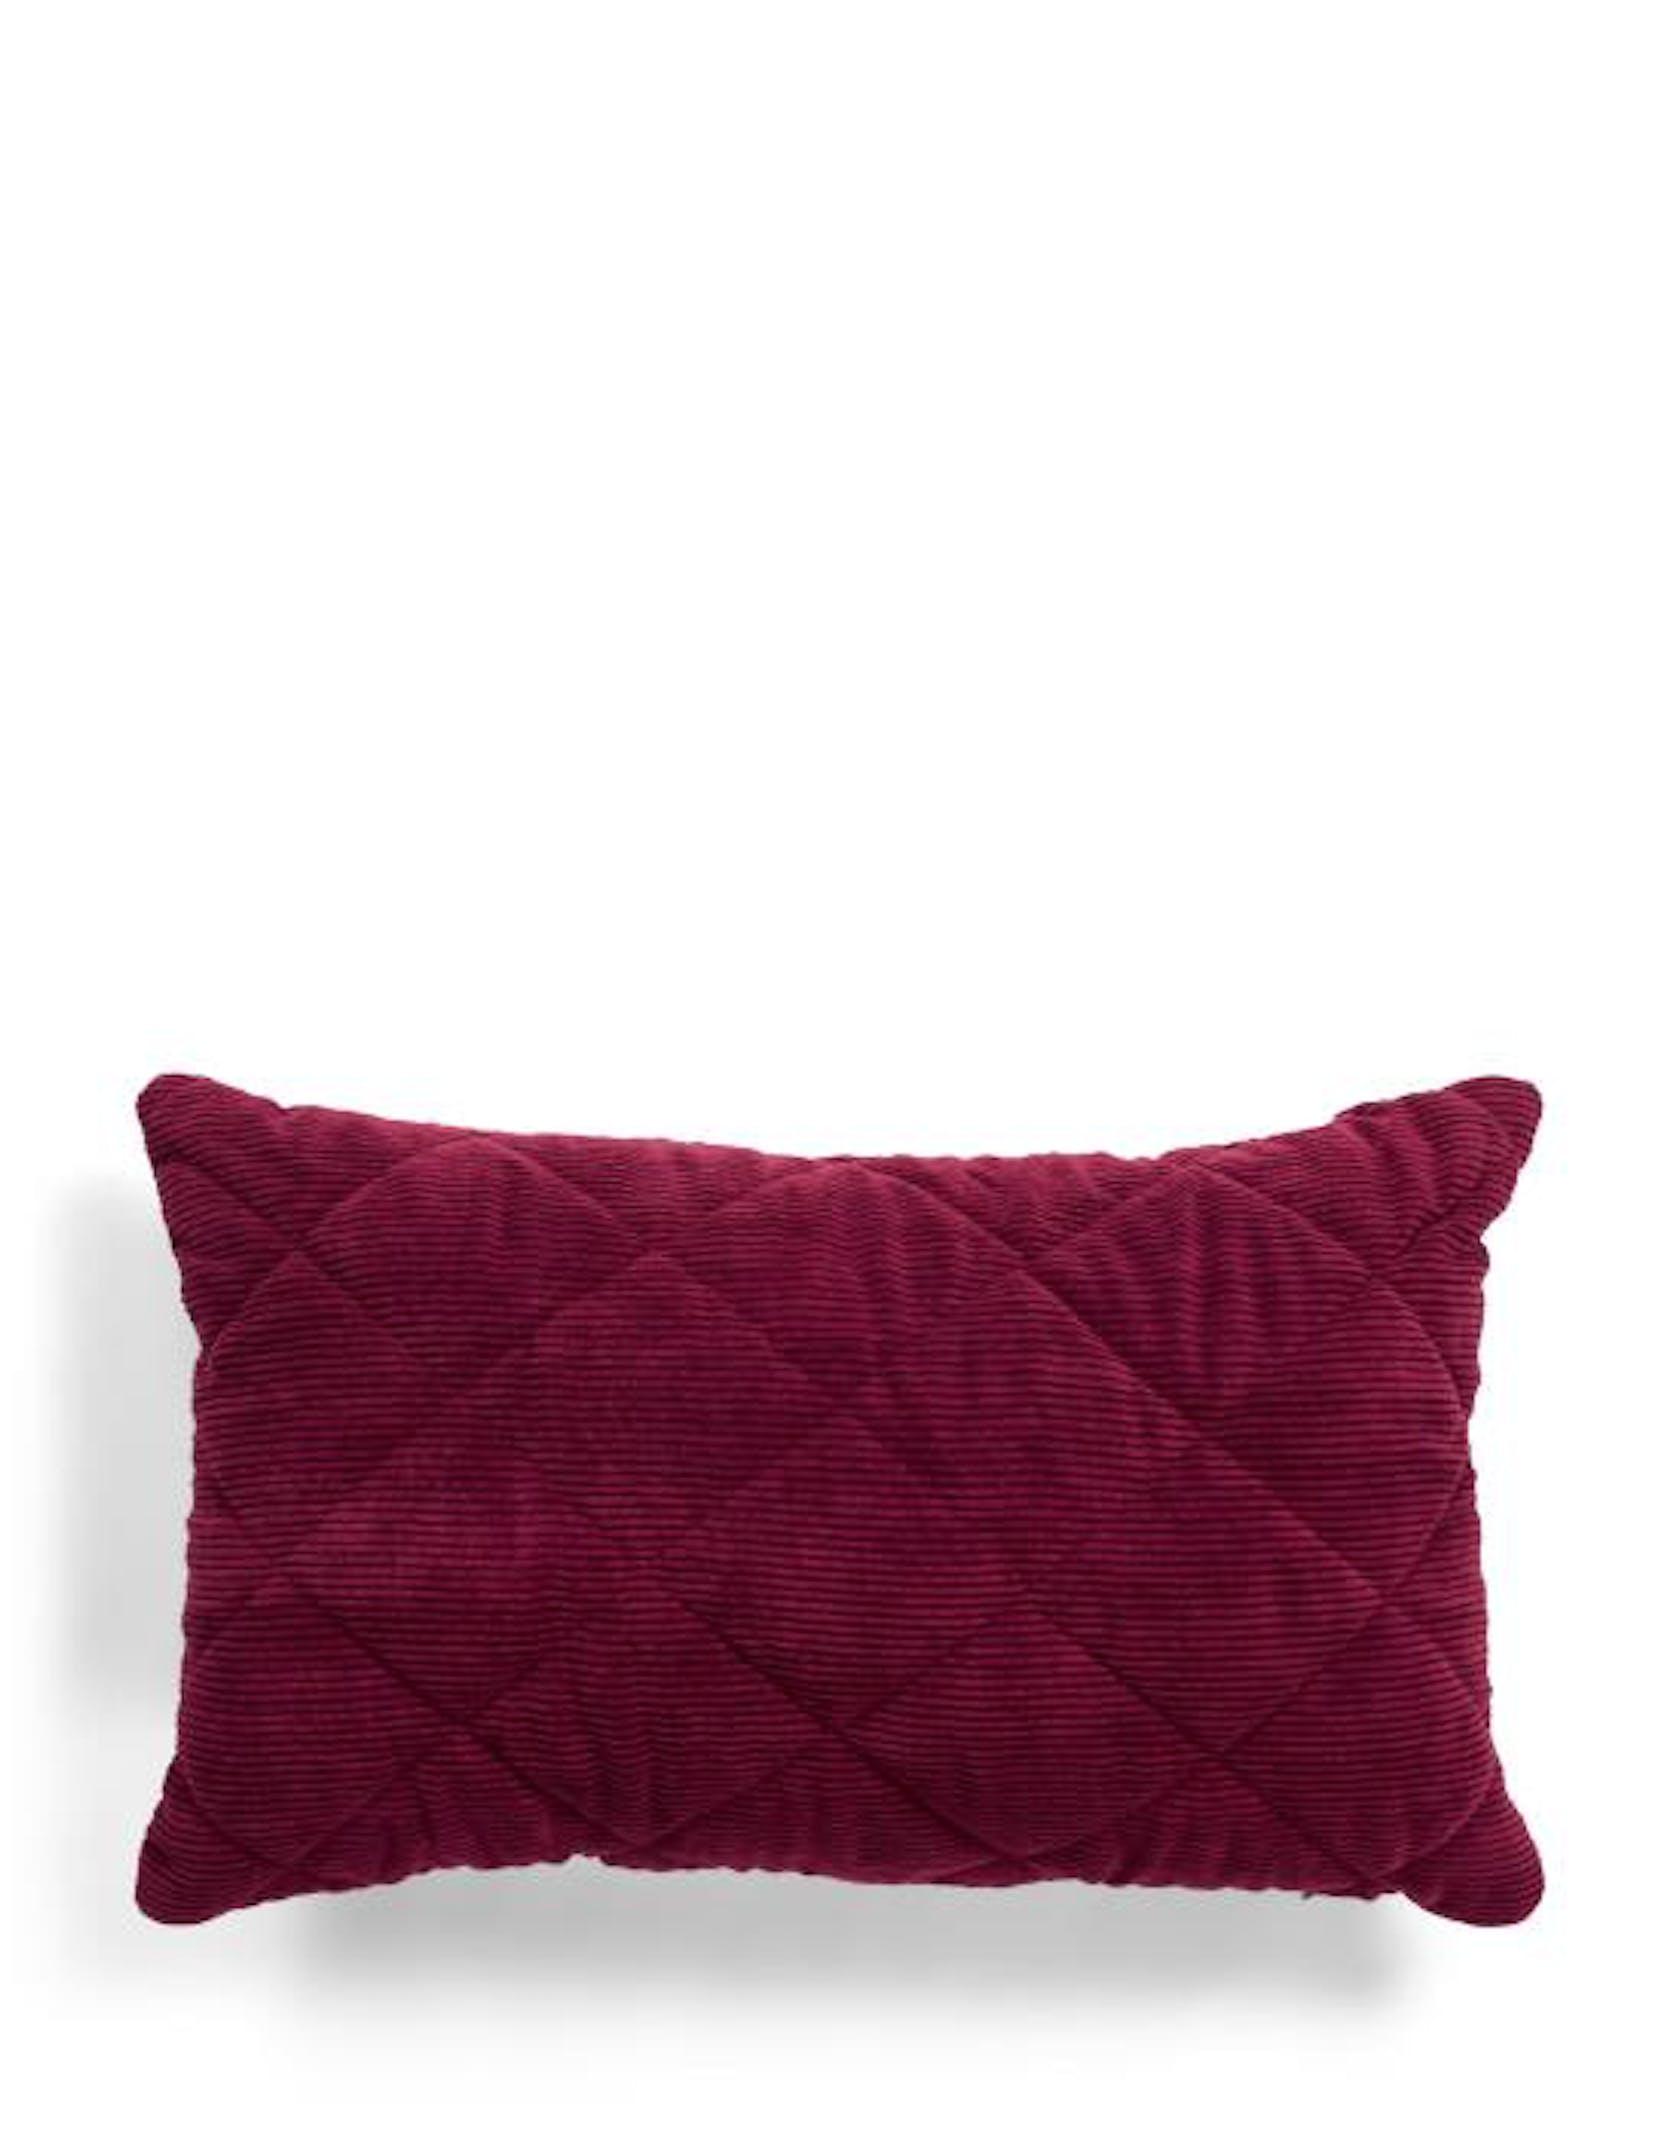 ESSENZA Billie Cherry Cushion